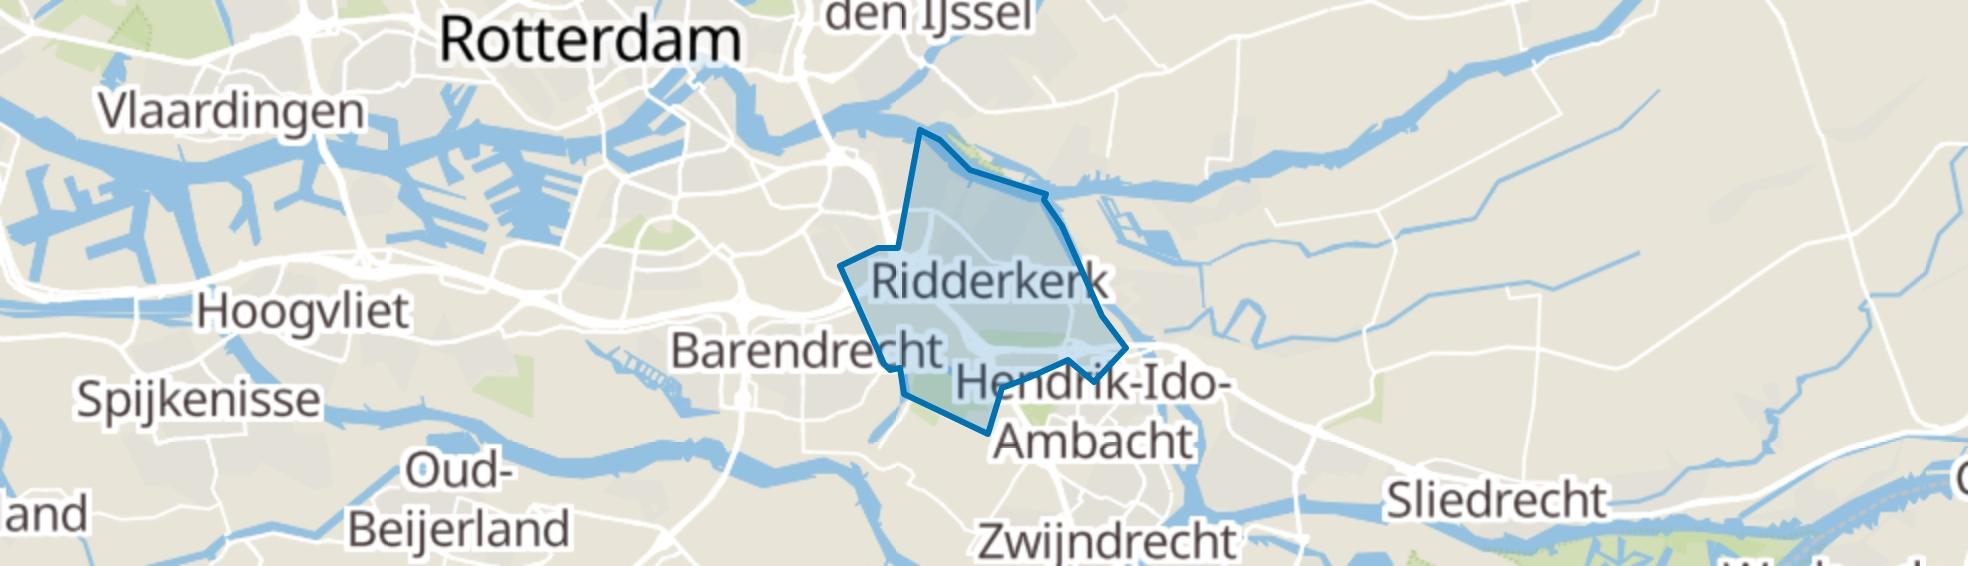 Ridderkerk map